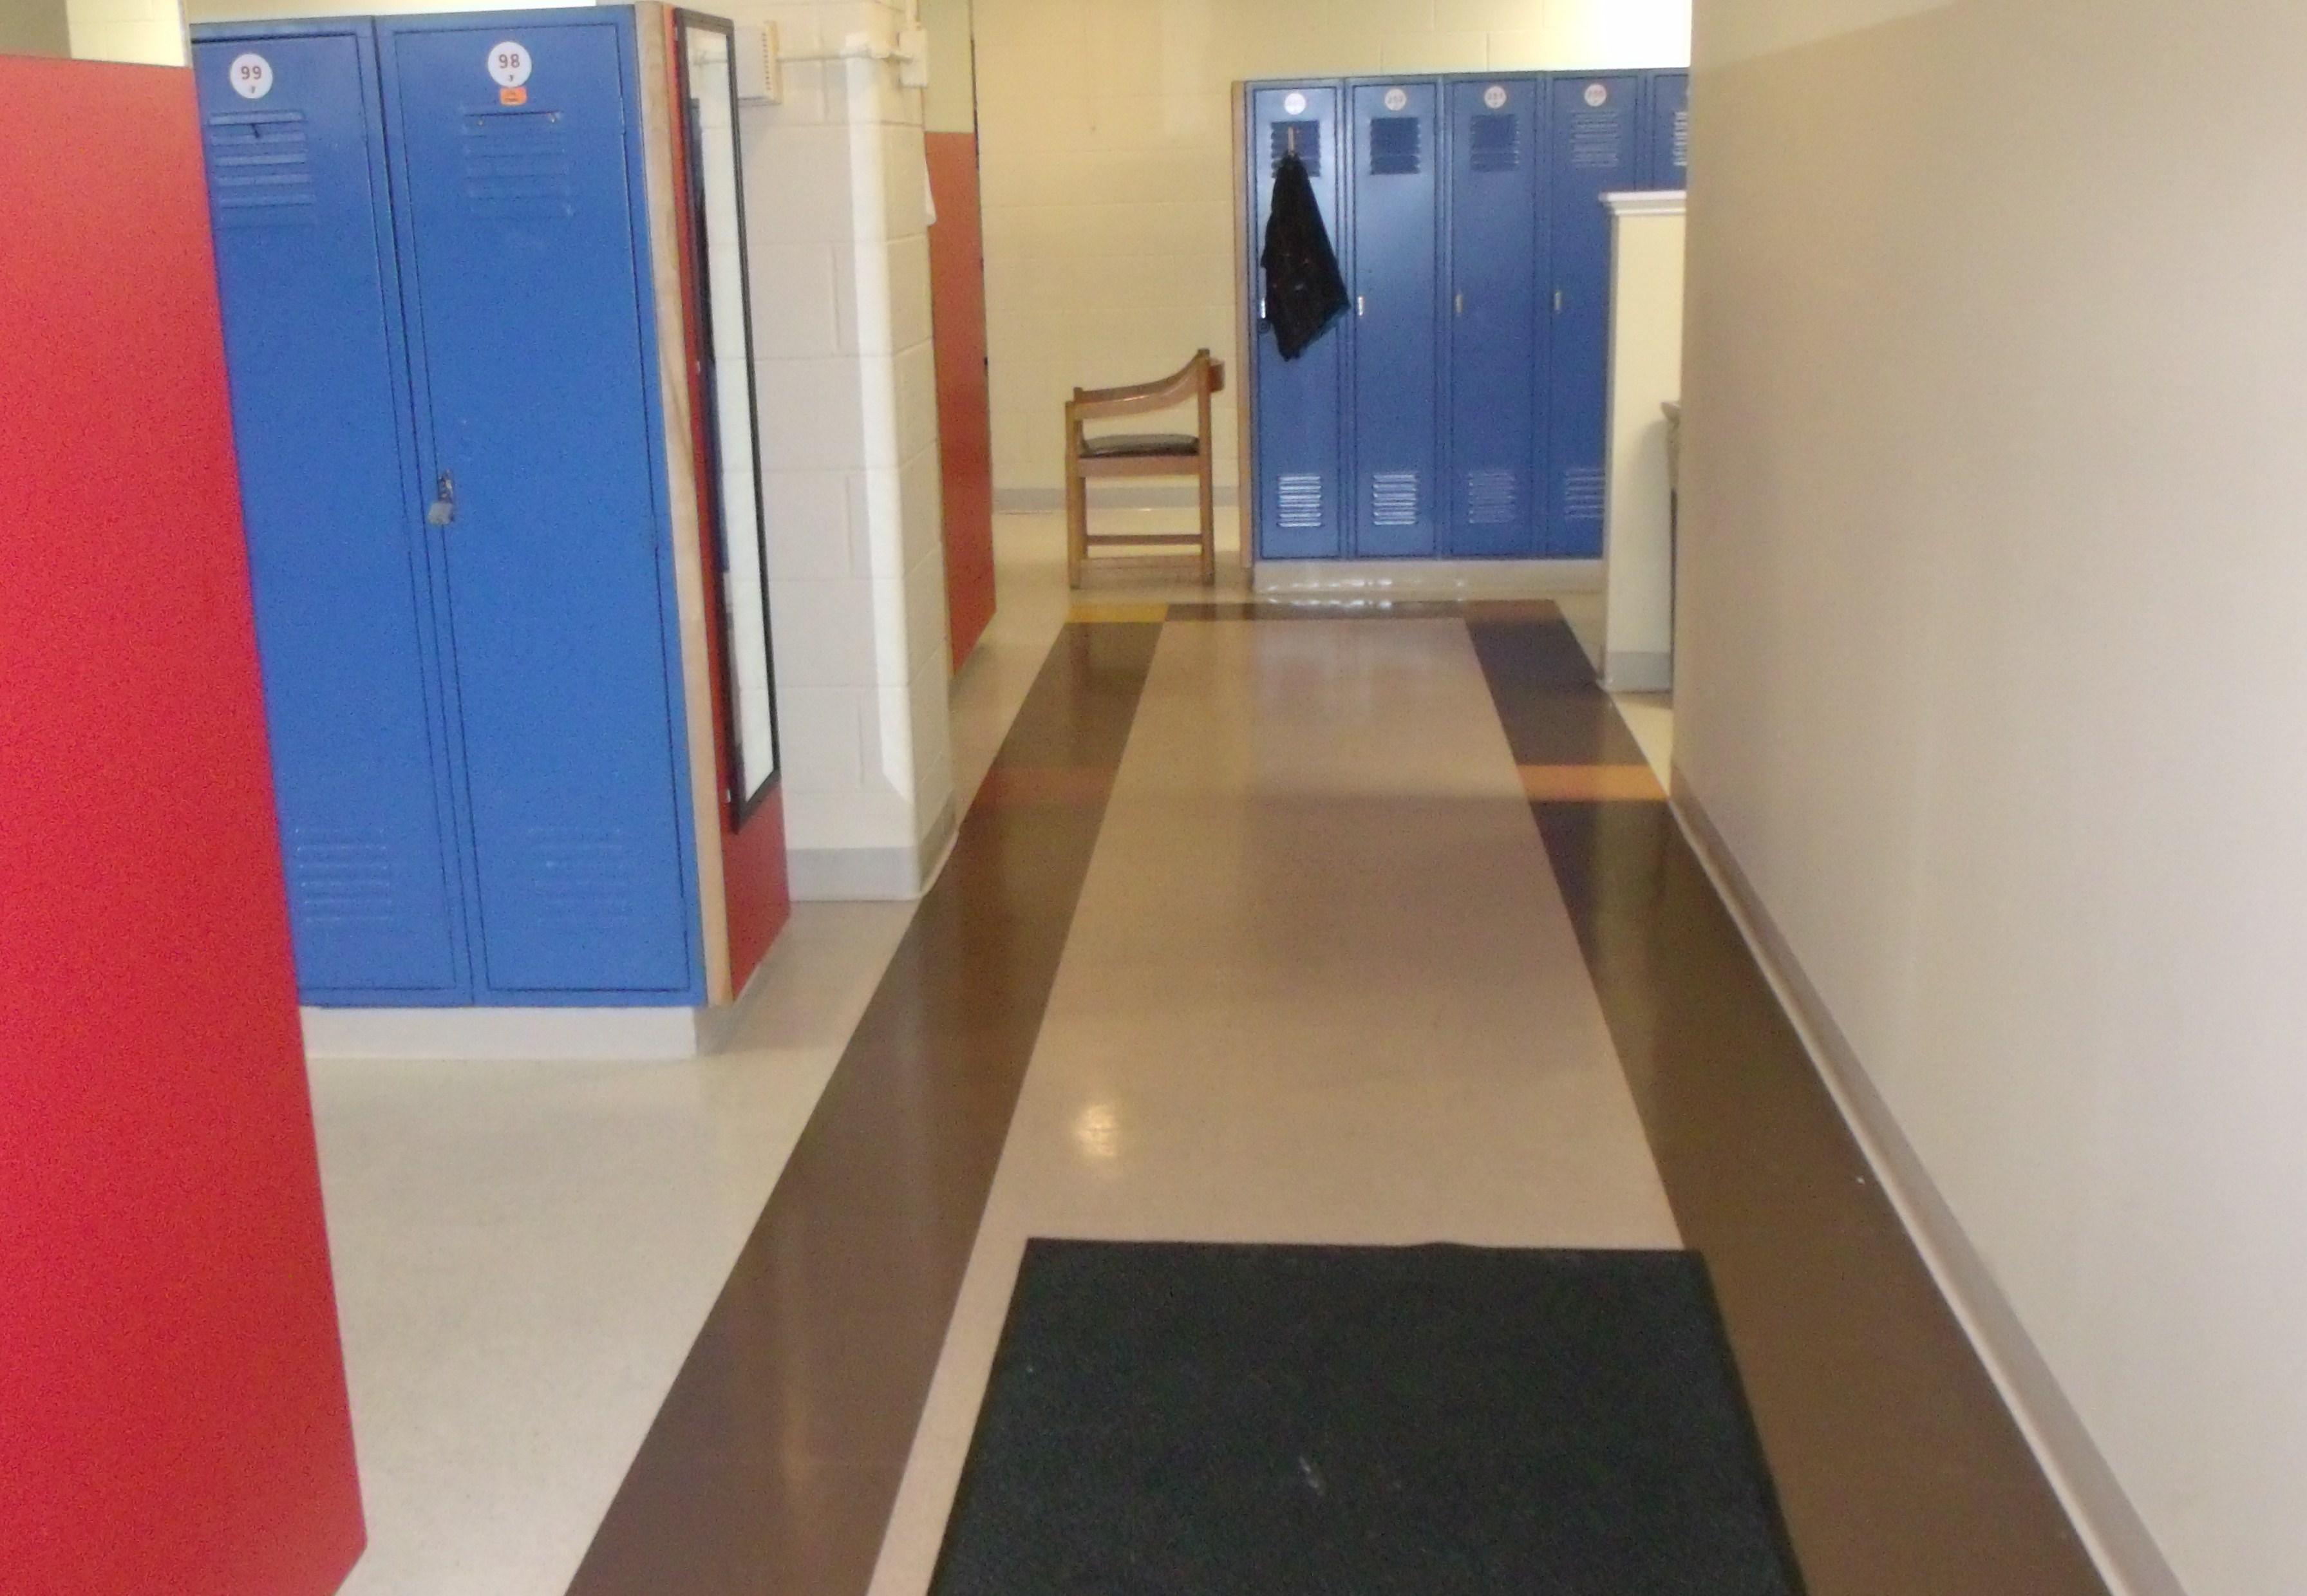 Spfld, MA YMCA locker room 2